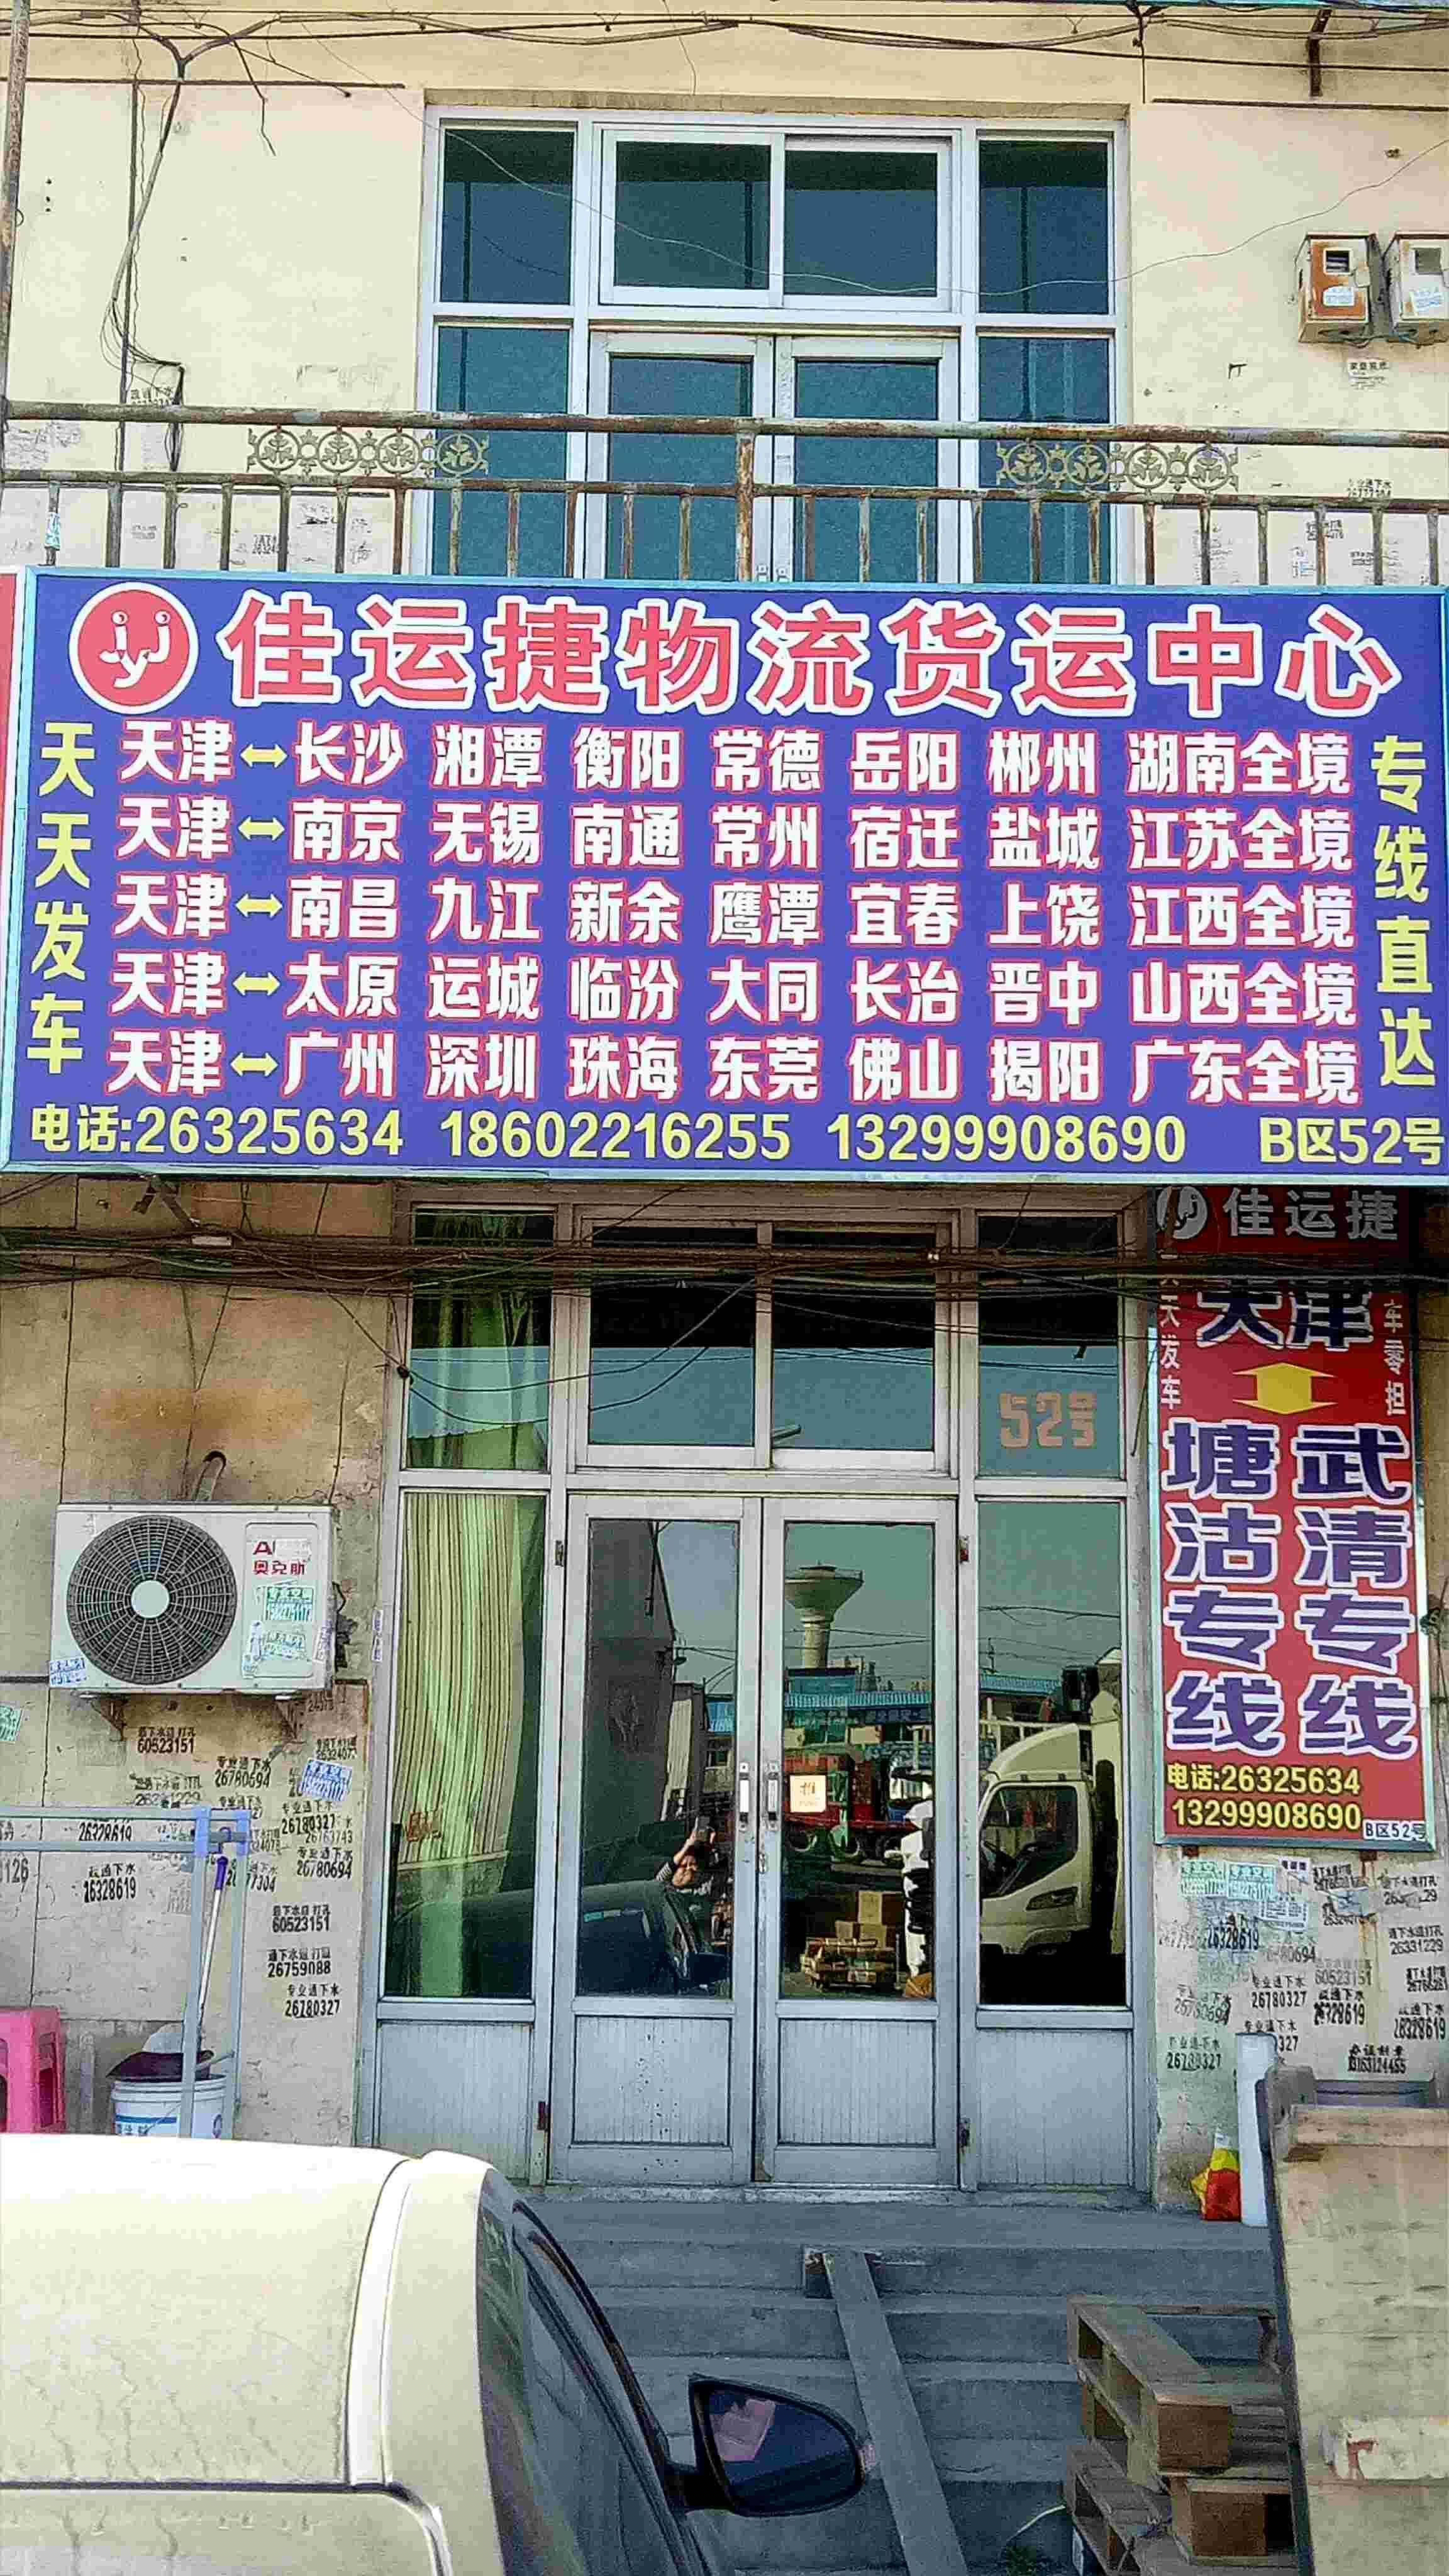 天津到延安物流专线(天津市佳运捷货运有限公司)